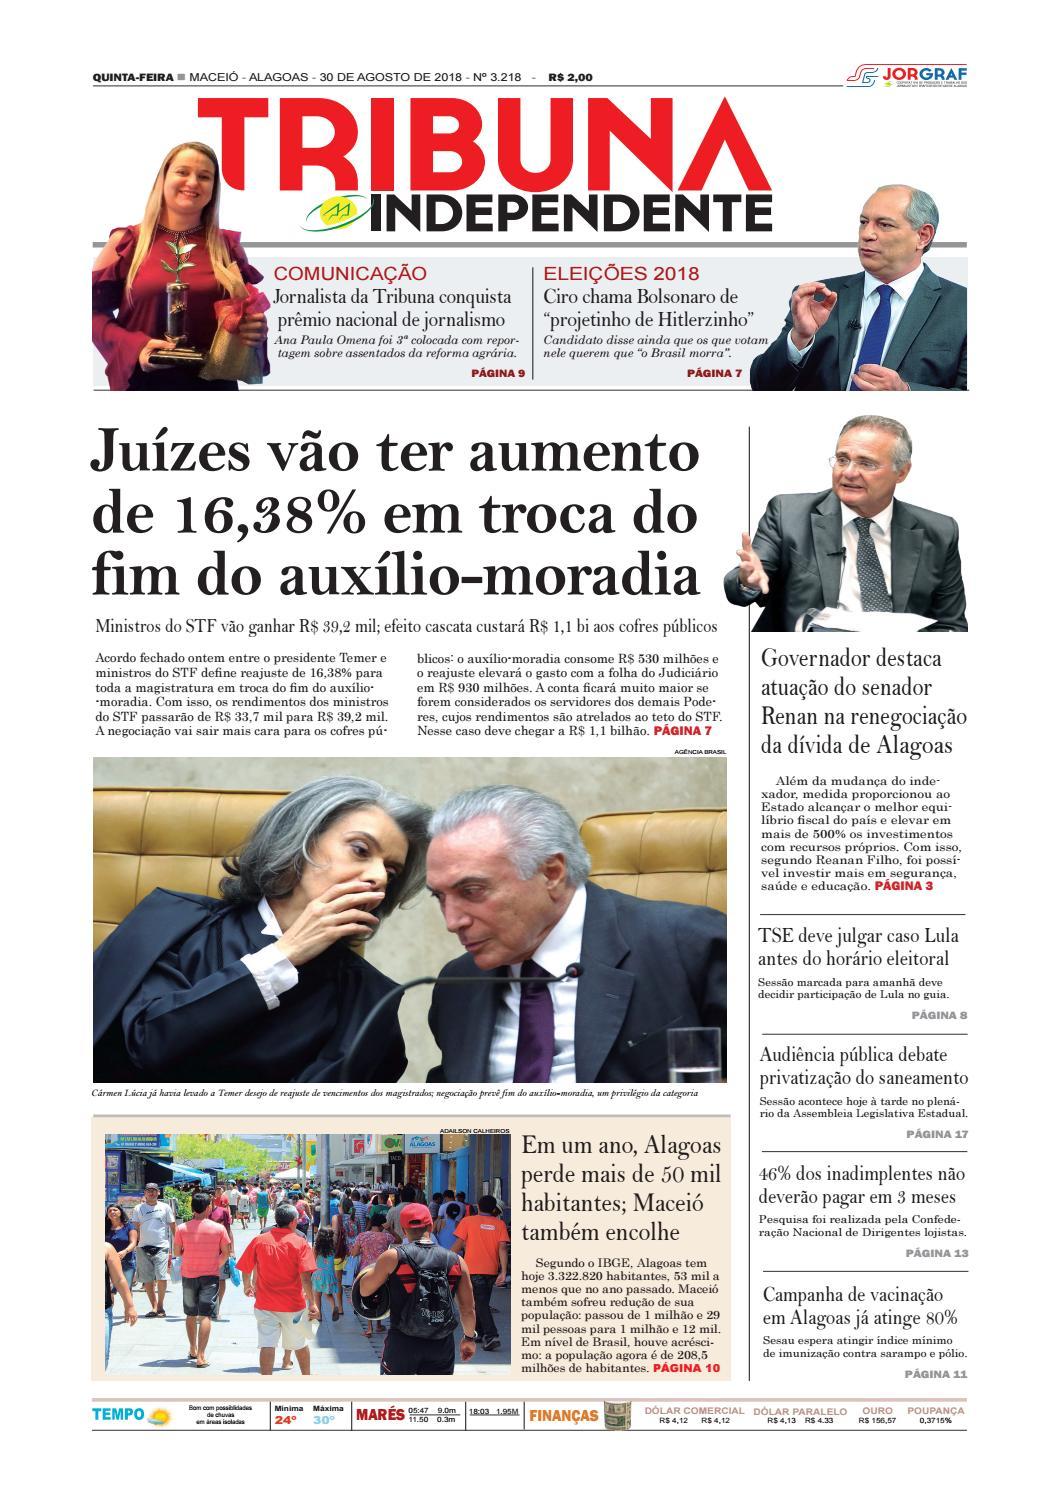 4fcf3bfb9a Edição número 3218 - 30 de agosto de 2018 by Tribuna Hoje - issuu